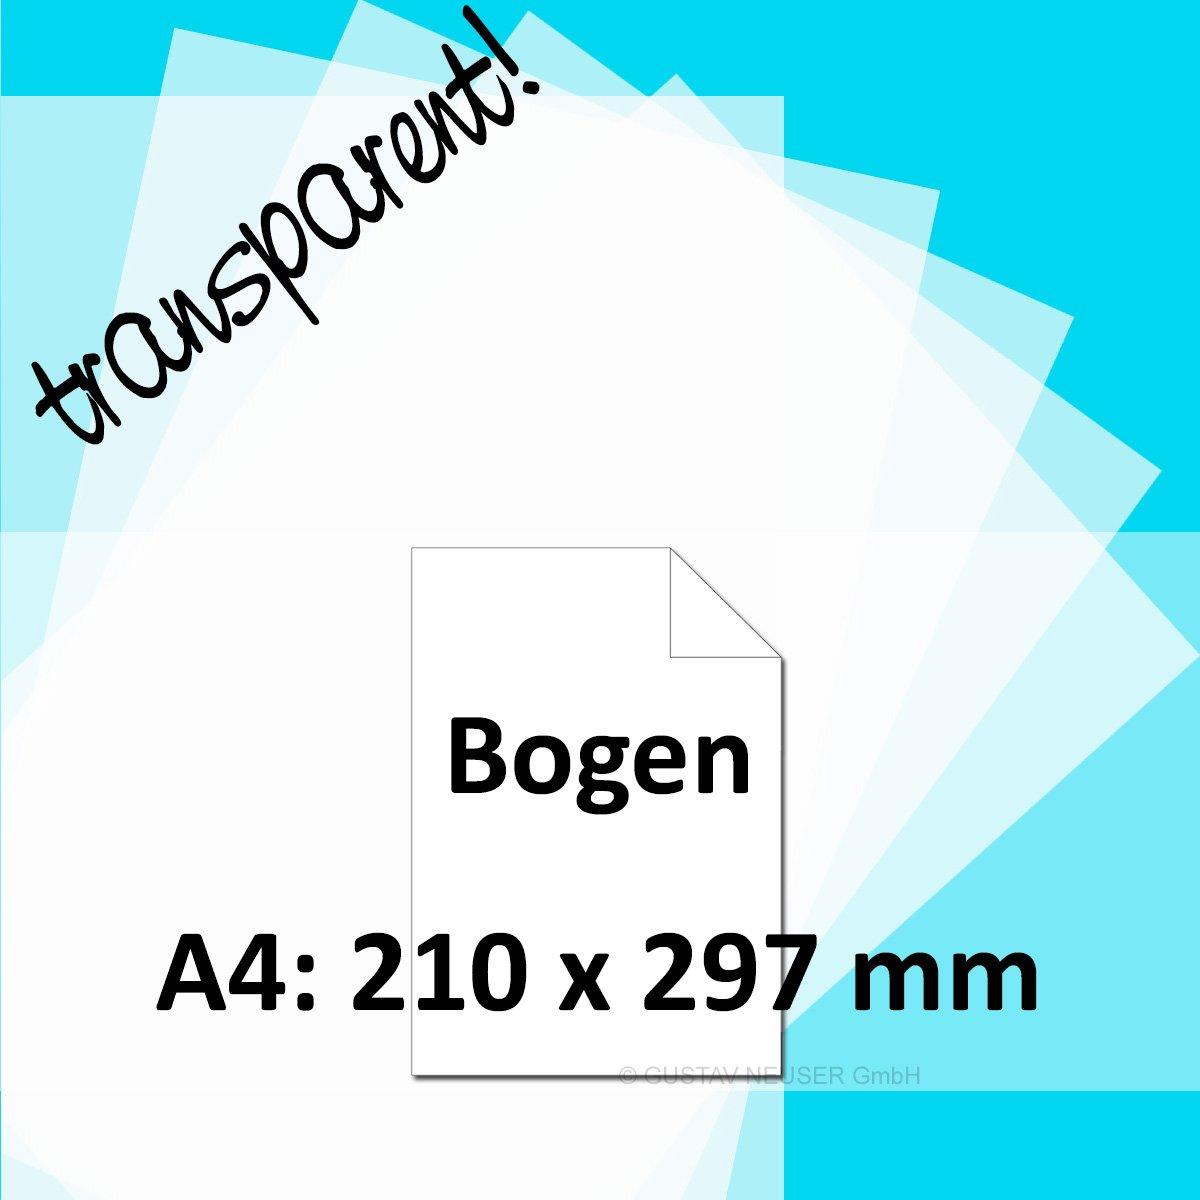 /Feuilles DIN A4/100/g//m/²/ Artoz Perga Pastel/ /Papier transparent/ 25 Papierbogen mit Box Blanc /Livr/ée dans original Artoz Pure Box /Blanc/